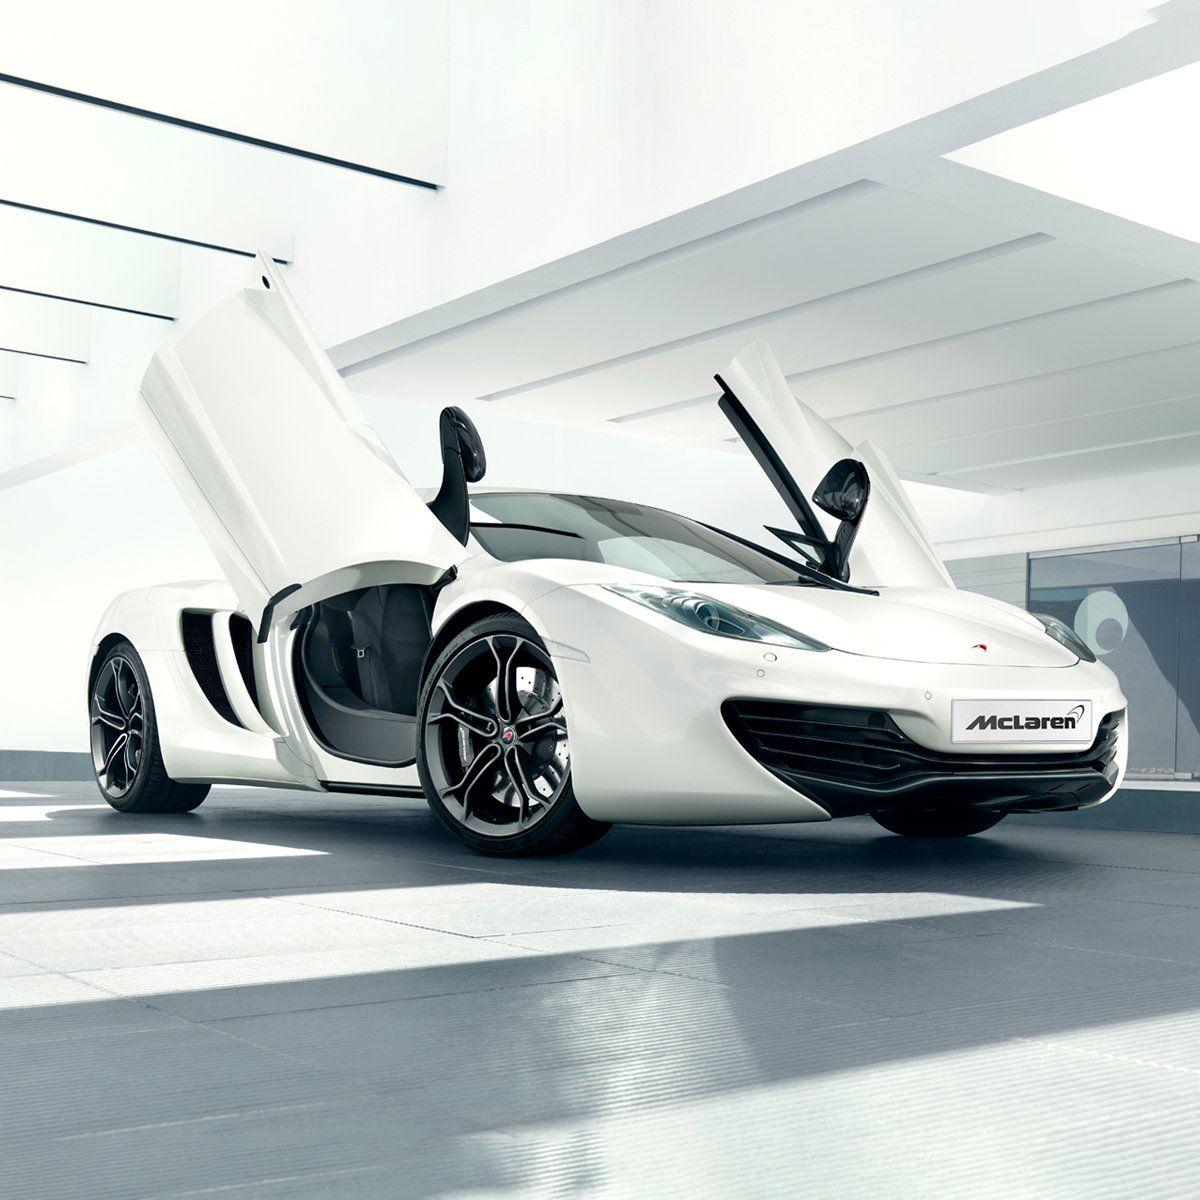 Mclaren 12c Introduction Mclaren Automotive In 2020 Mclaren Sports Car Super Cars Mclaren 12c